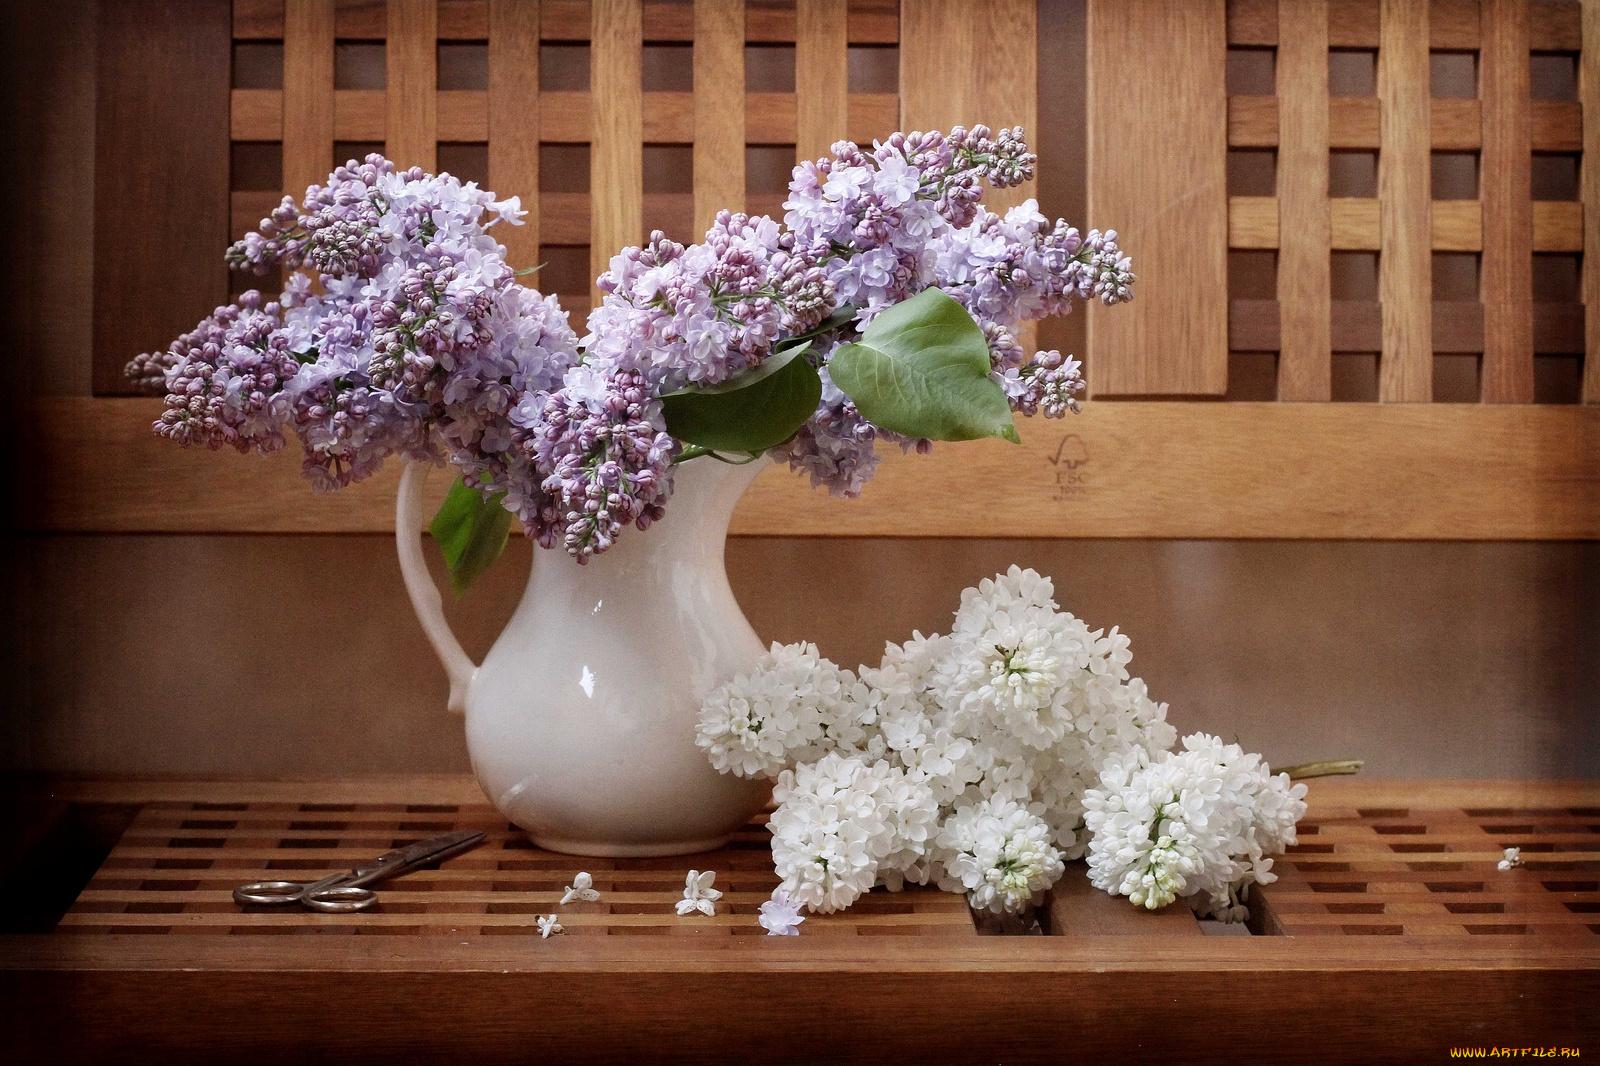 природа цветы ваза сирень  № 3063883 загрузить